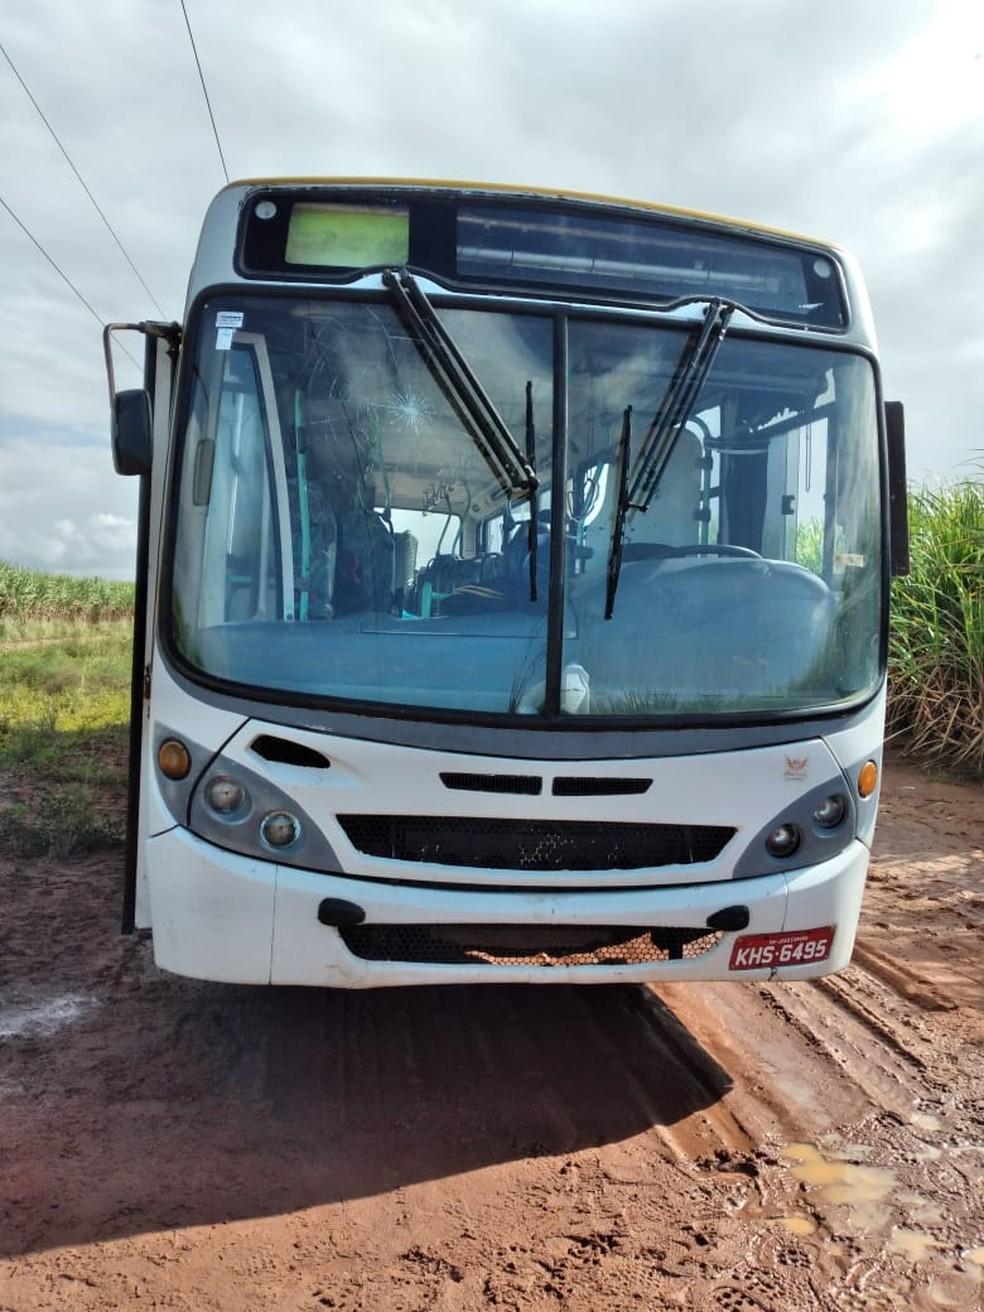 Ônibus abordado por assaltantes próximo a canavial em São José de Mipibu. Trabalhadores rurais reagiram. — Foto: Cedida